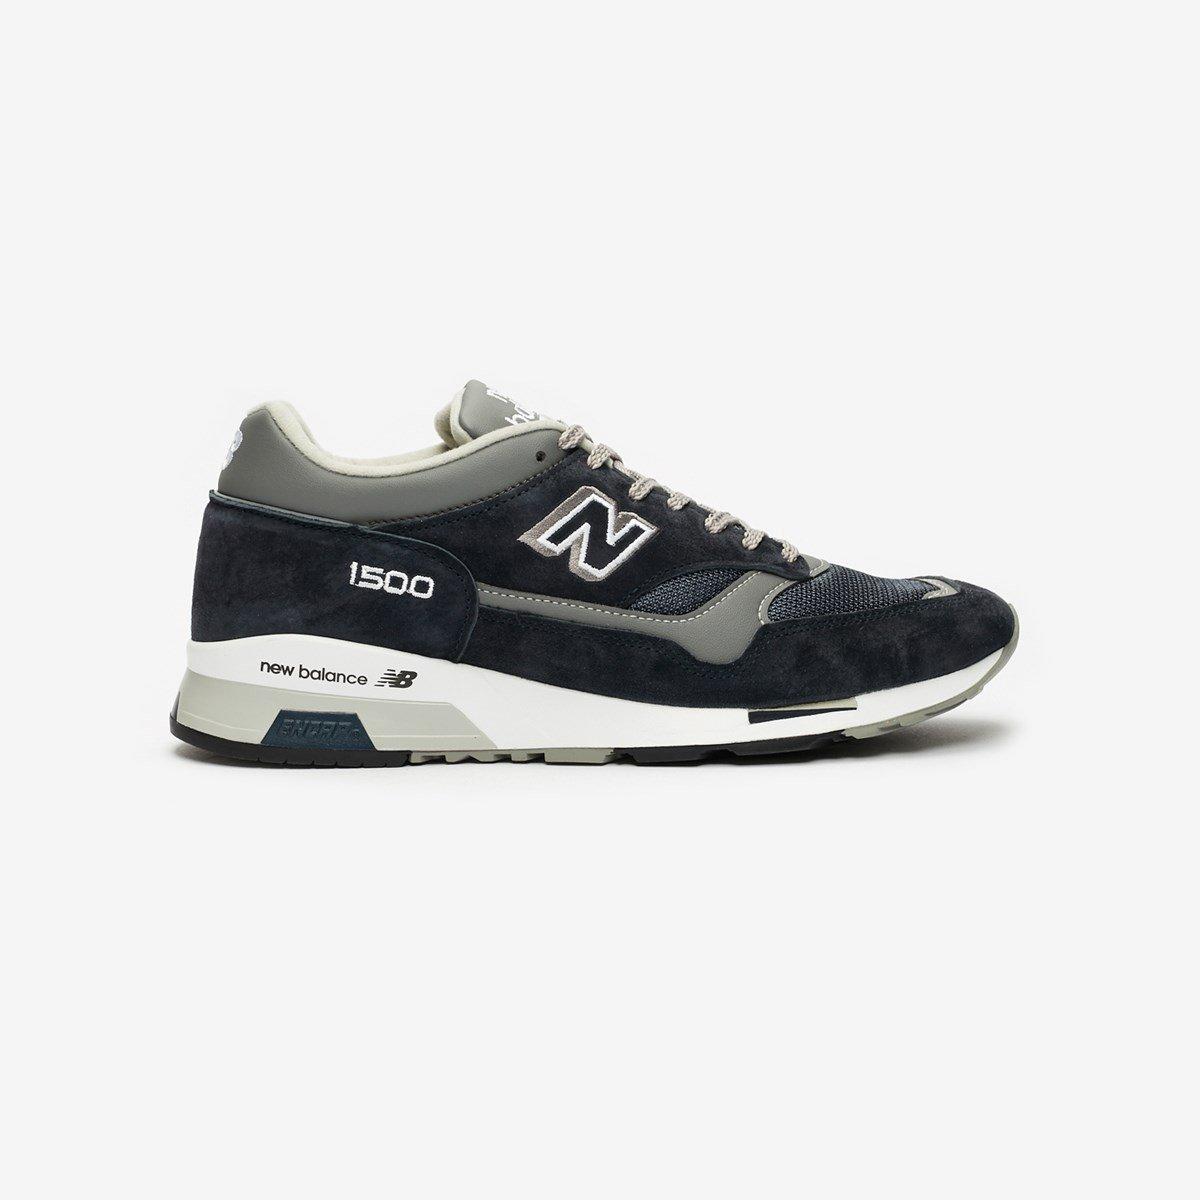 New Balance 1500 - M1500pnv - SNS   sneakers & streetwear online since 1999